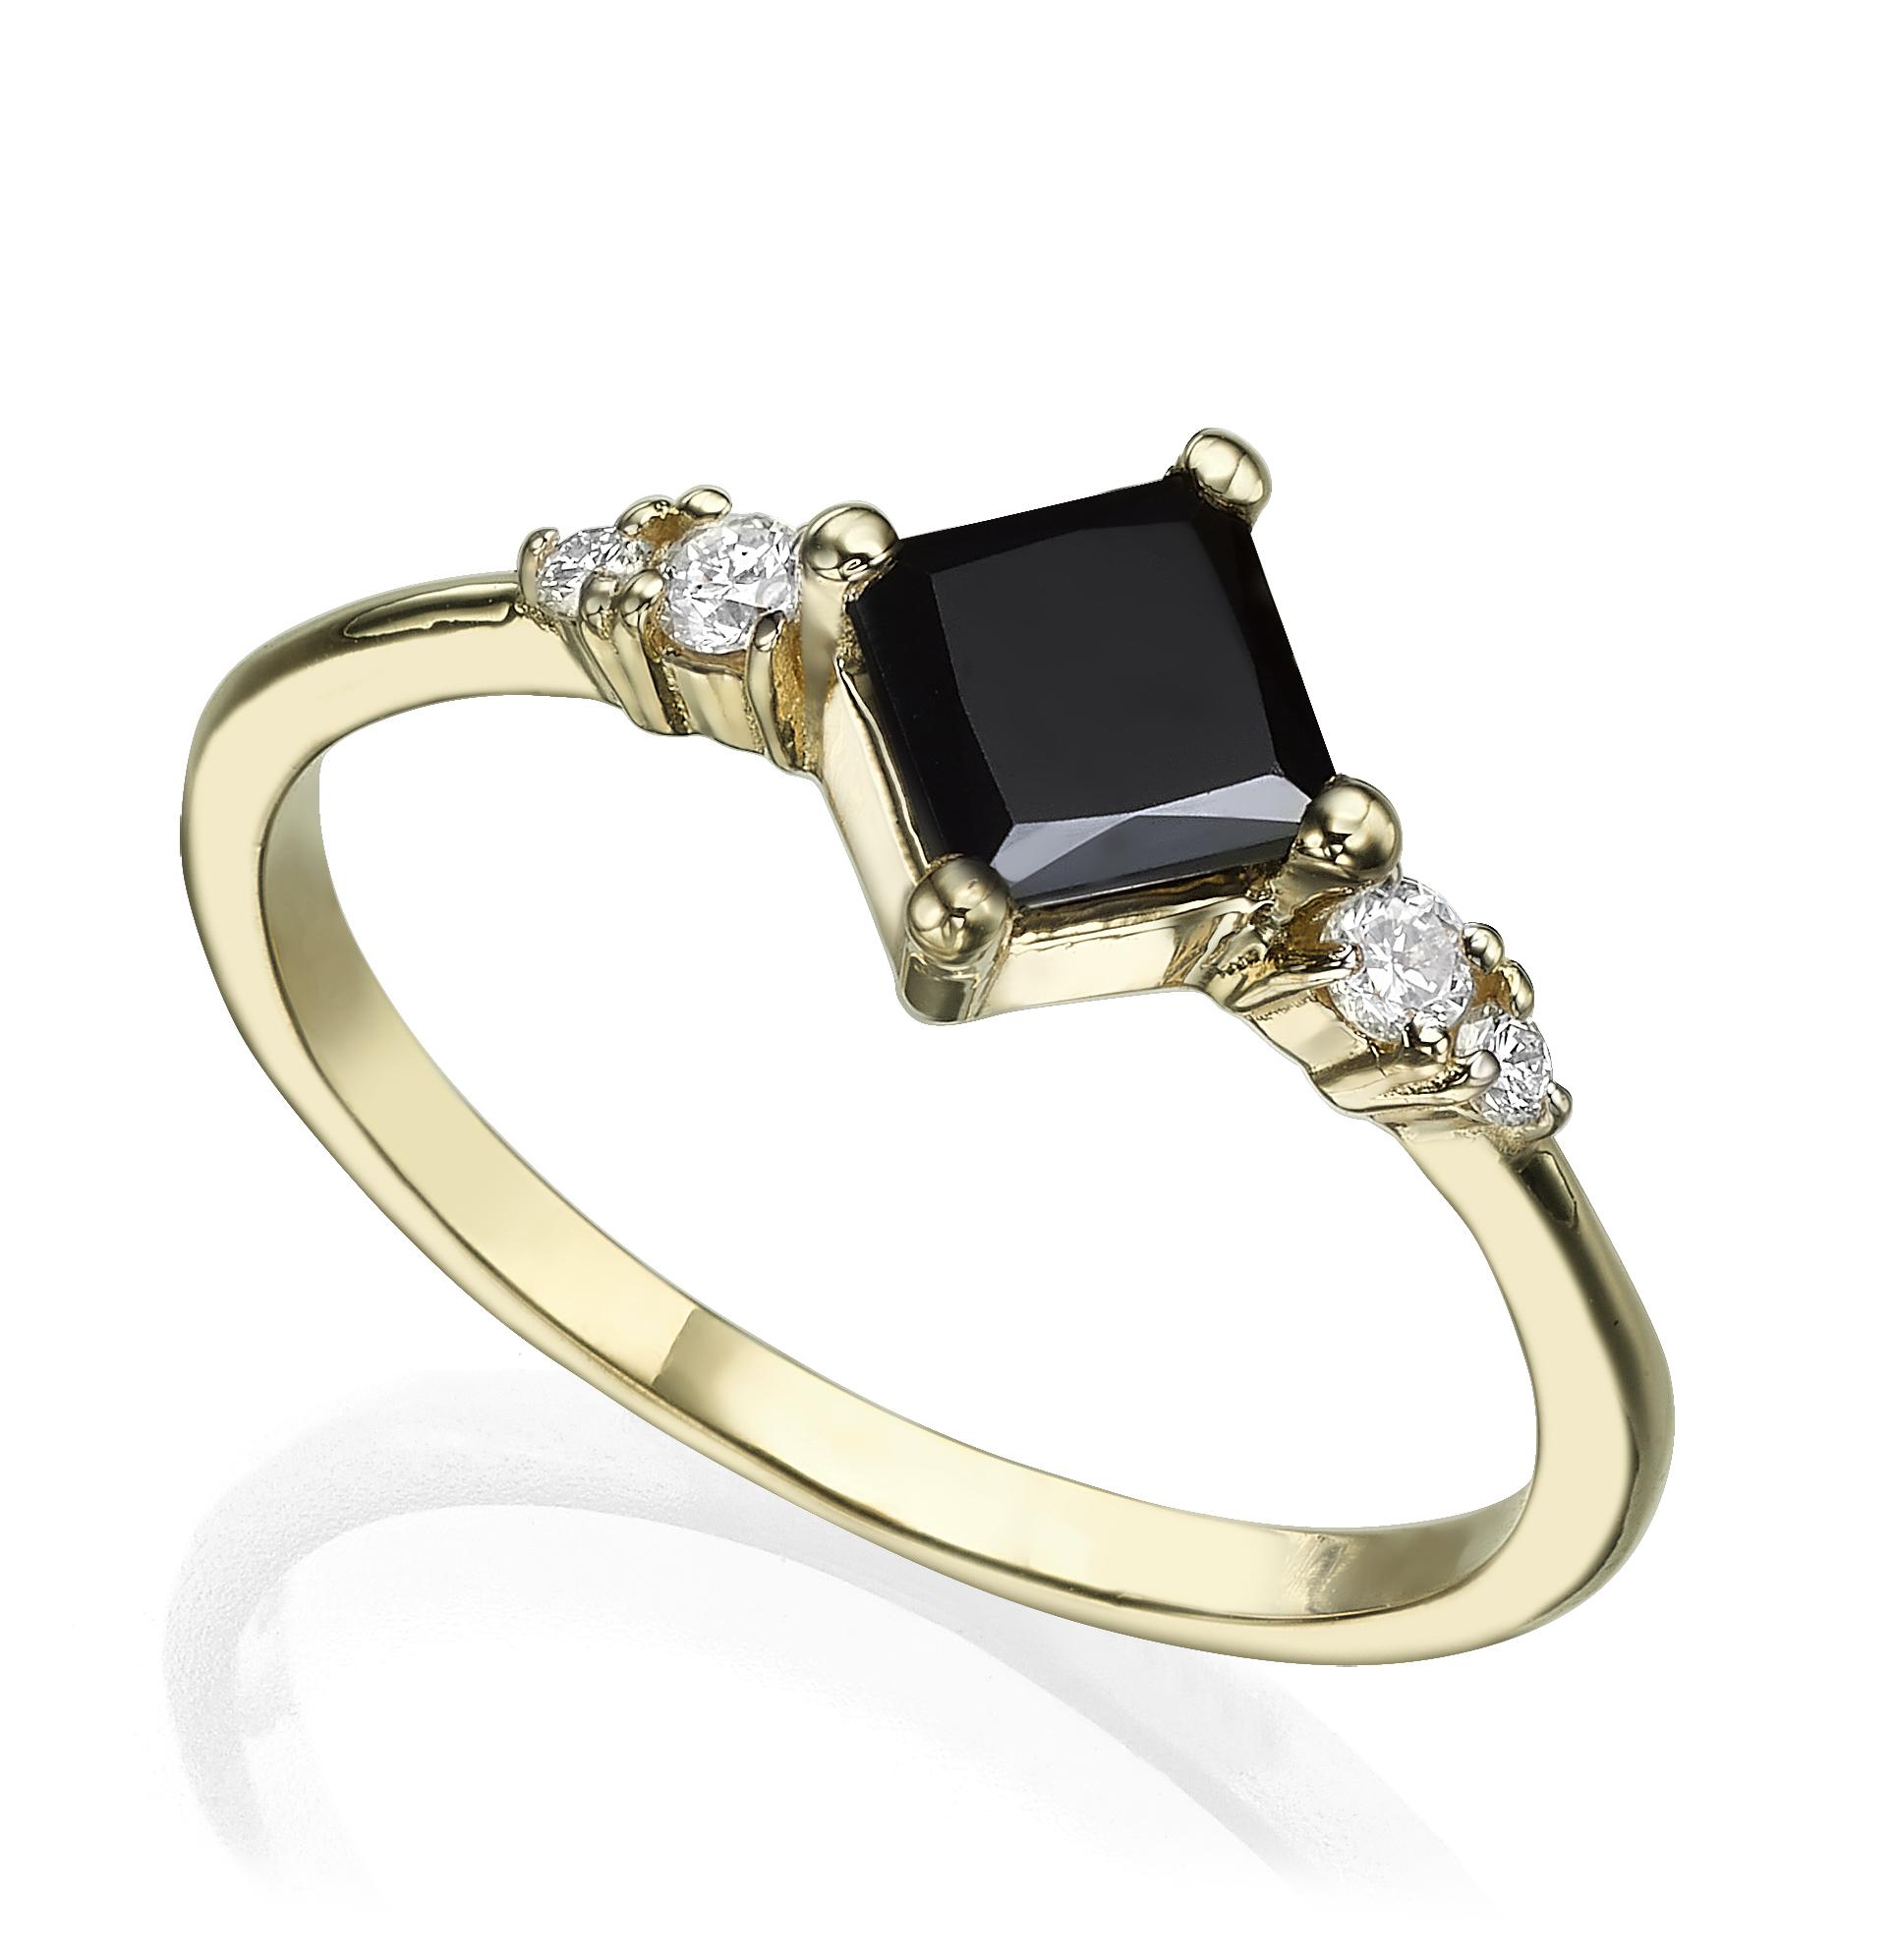 טבעת זהב משובצת יהלום שחור בחיתוך פרינסס ויהלומים לבנים בצדדים